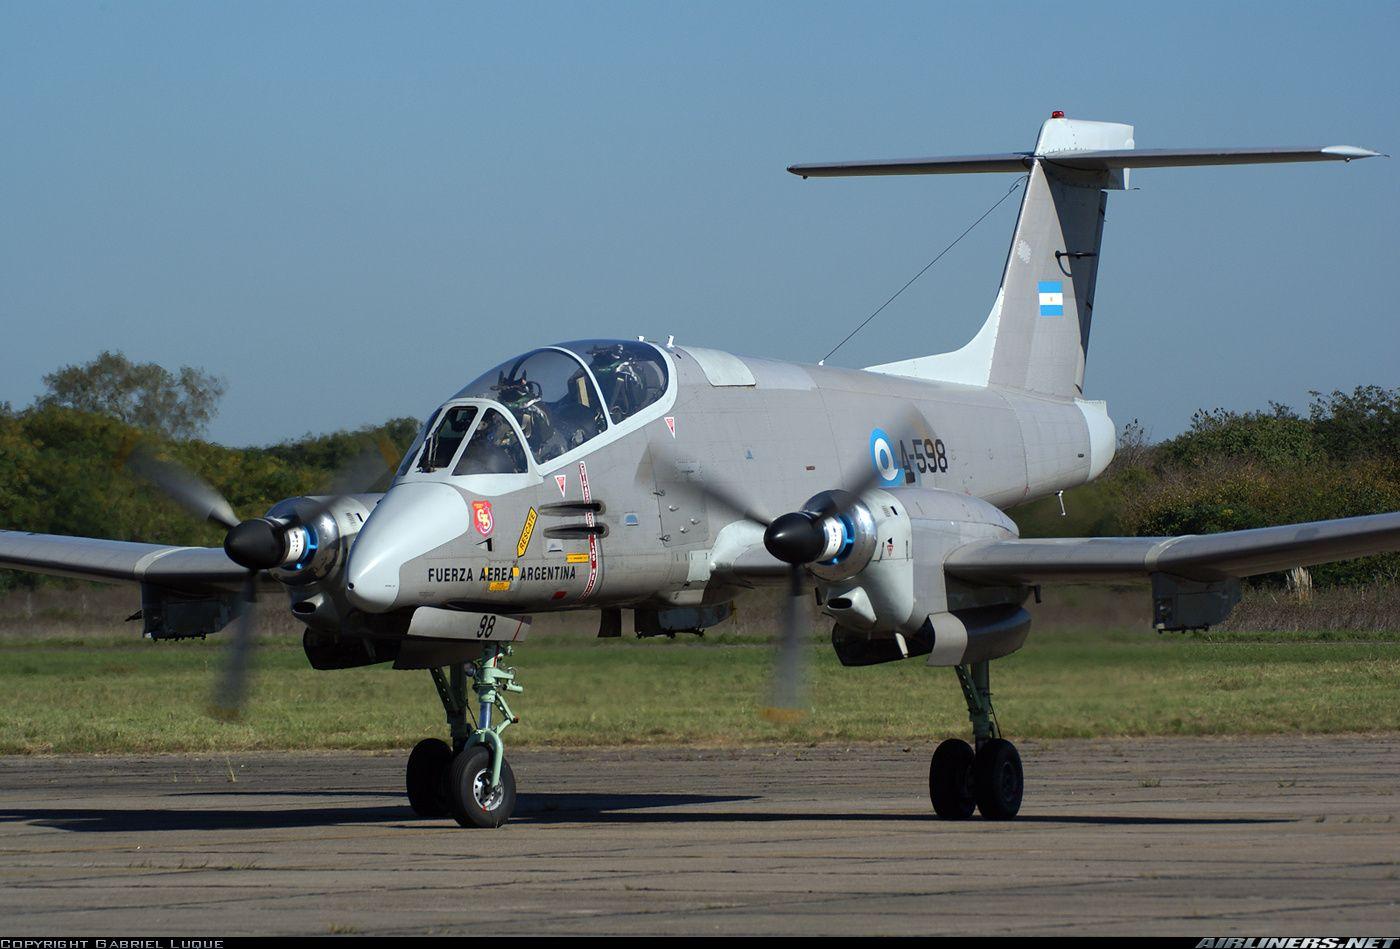 Fuerza Aerea Argentina | Aviones militares, Aviones y